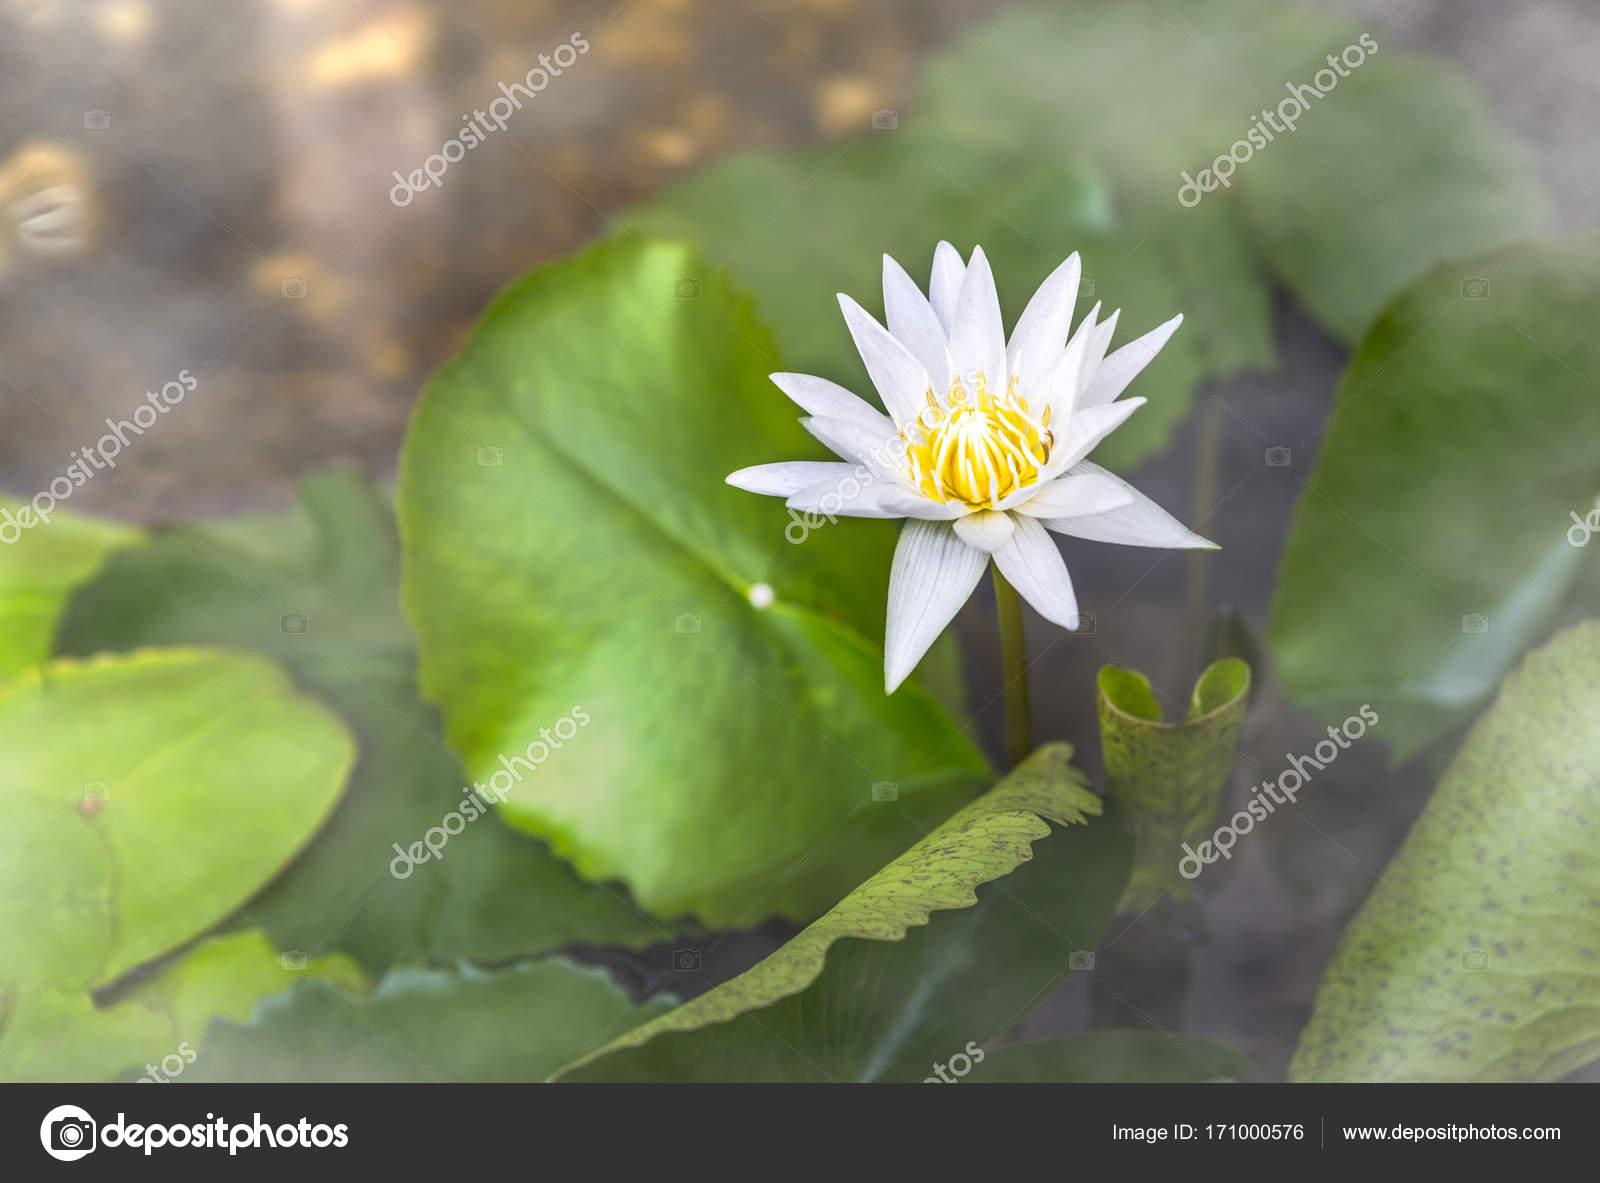 One White Lotus Flower In Fog Stock Photo Somdul 171000576